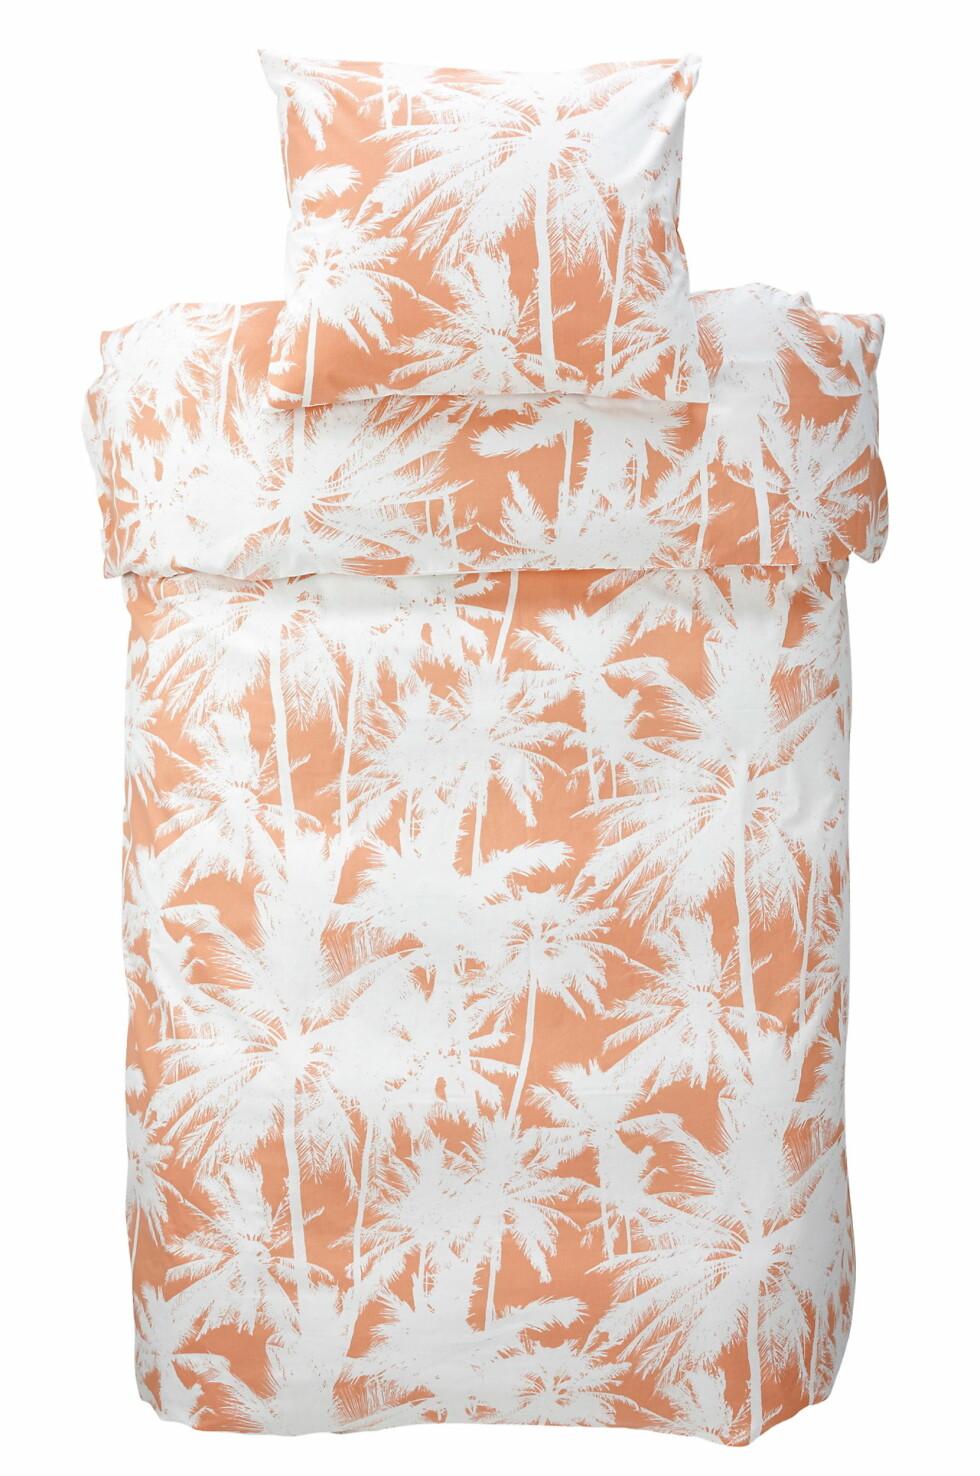 Sengesett med palmesus (kr 150, ellos.no). Foto: Produsenten